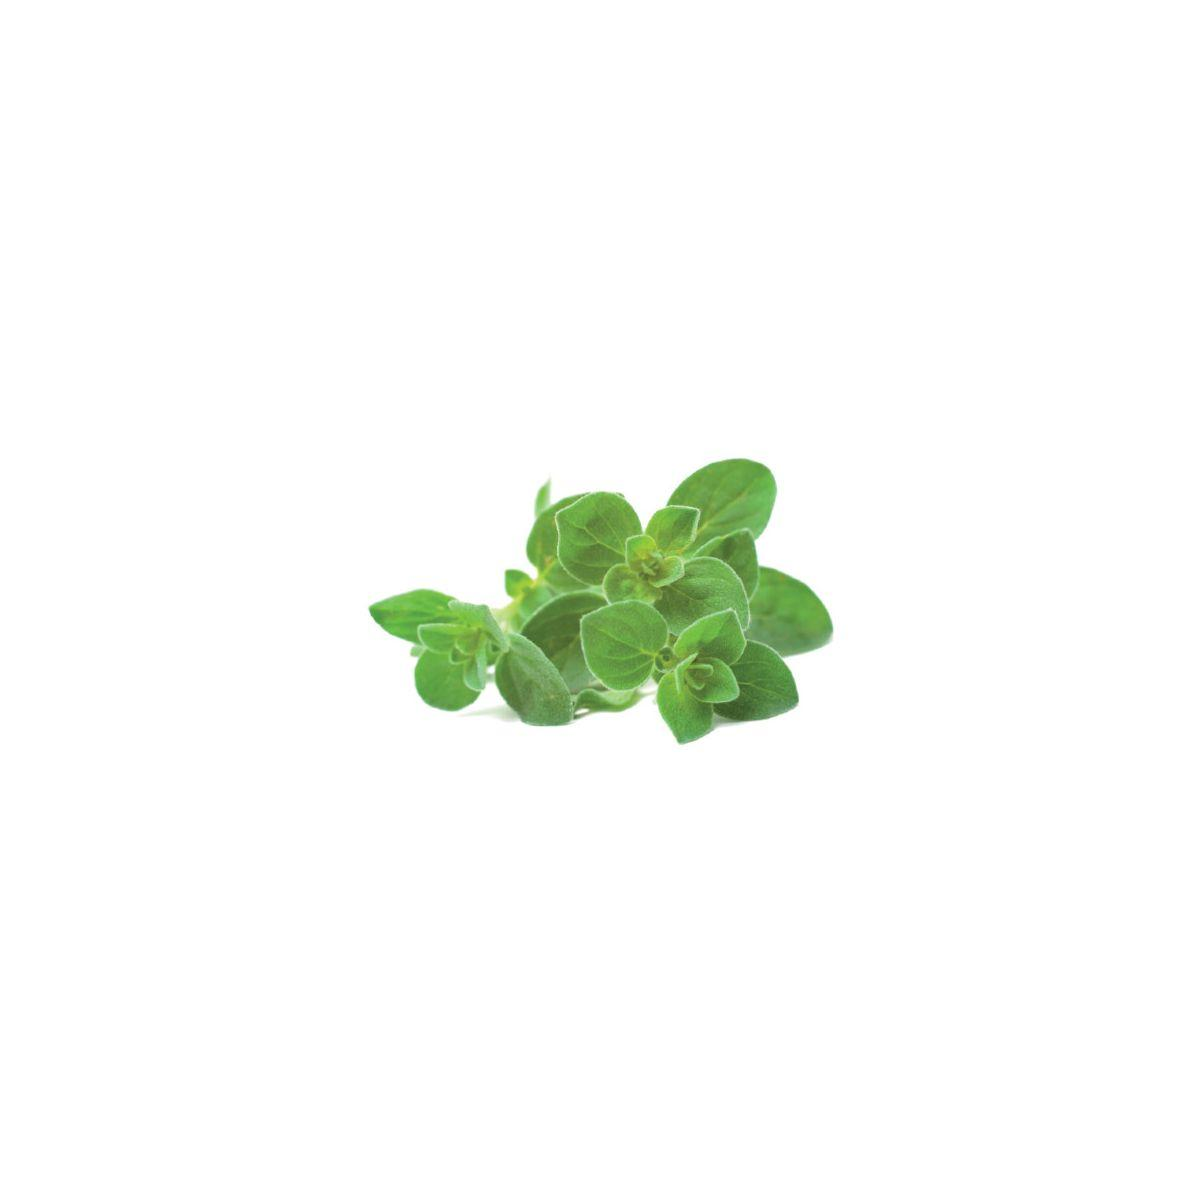 Recharge jardin int�rieur click and grow origan (lot de 3) - 10% de remise imm�diate avec le code : deal10 (photo)